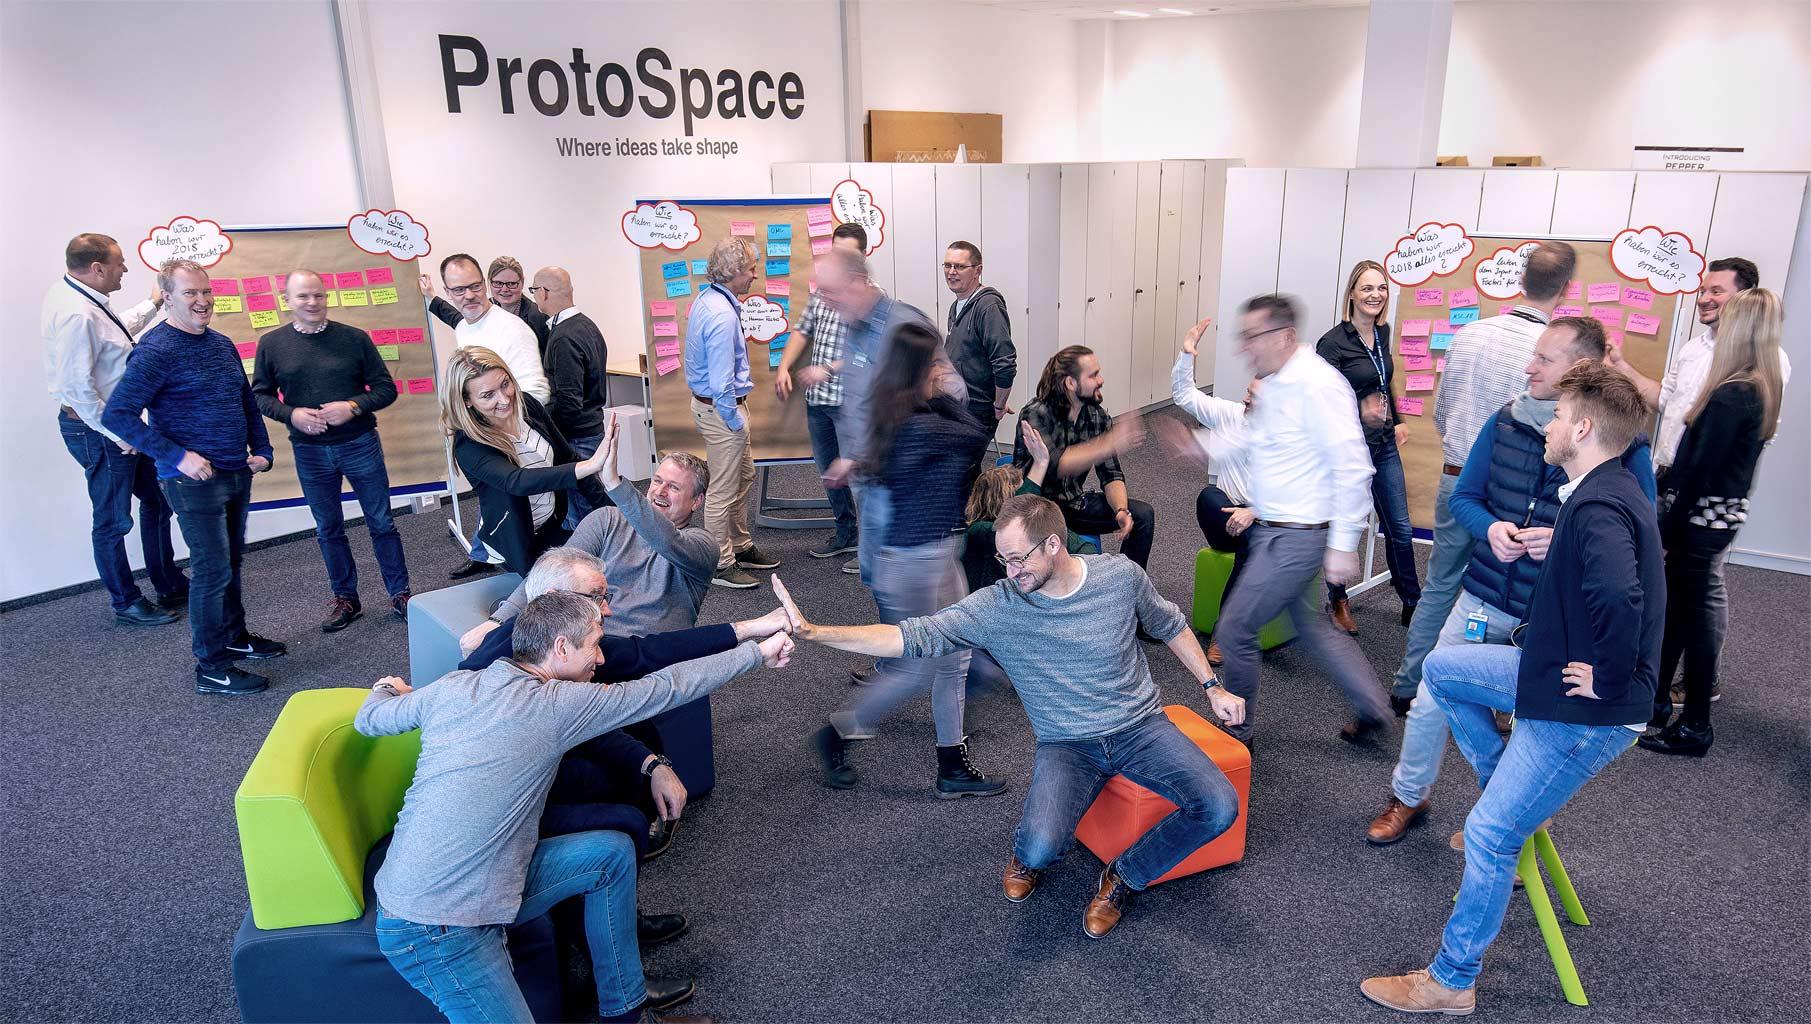 Interaktives Spiel zum Thema Teambuilding Teilnehmer bewegen sich durh den Raum und Gruppen finden sich © Hermann Jansen